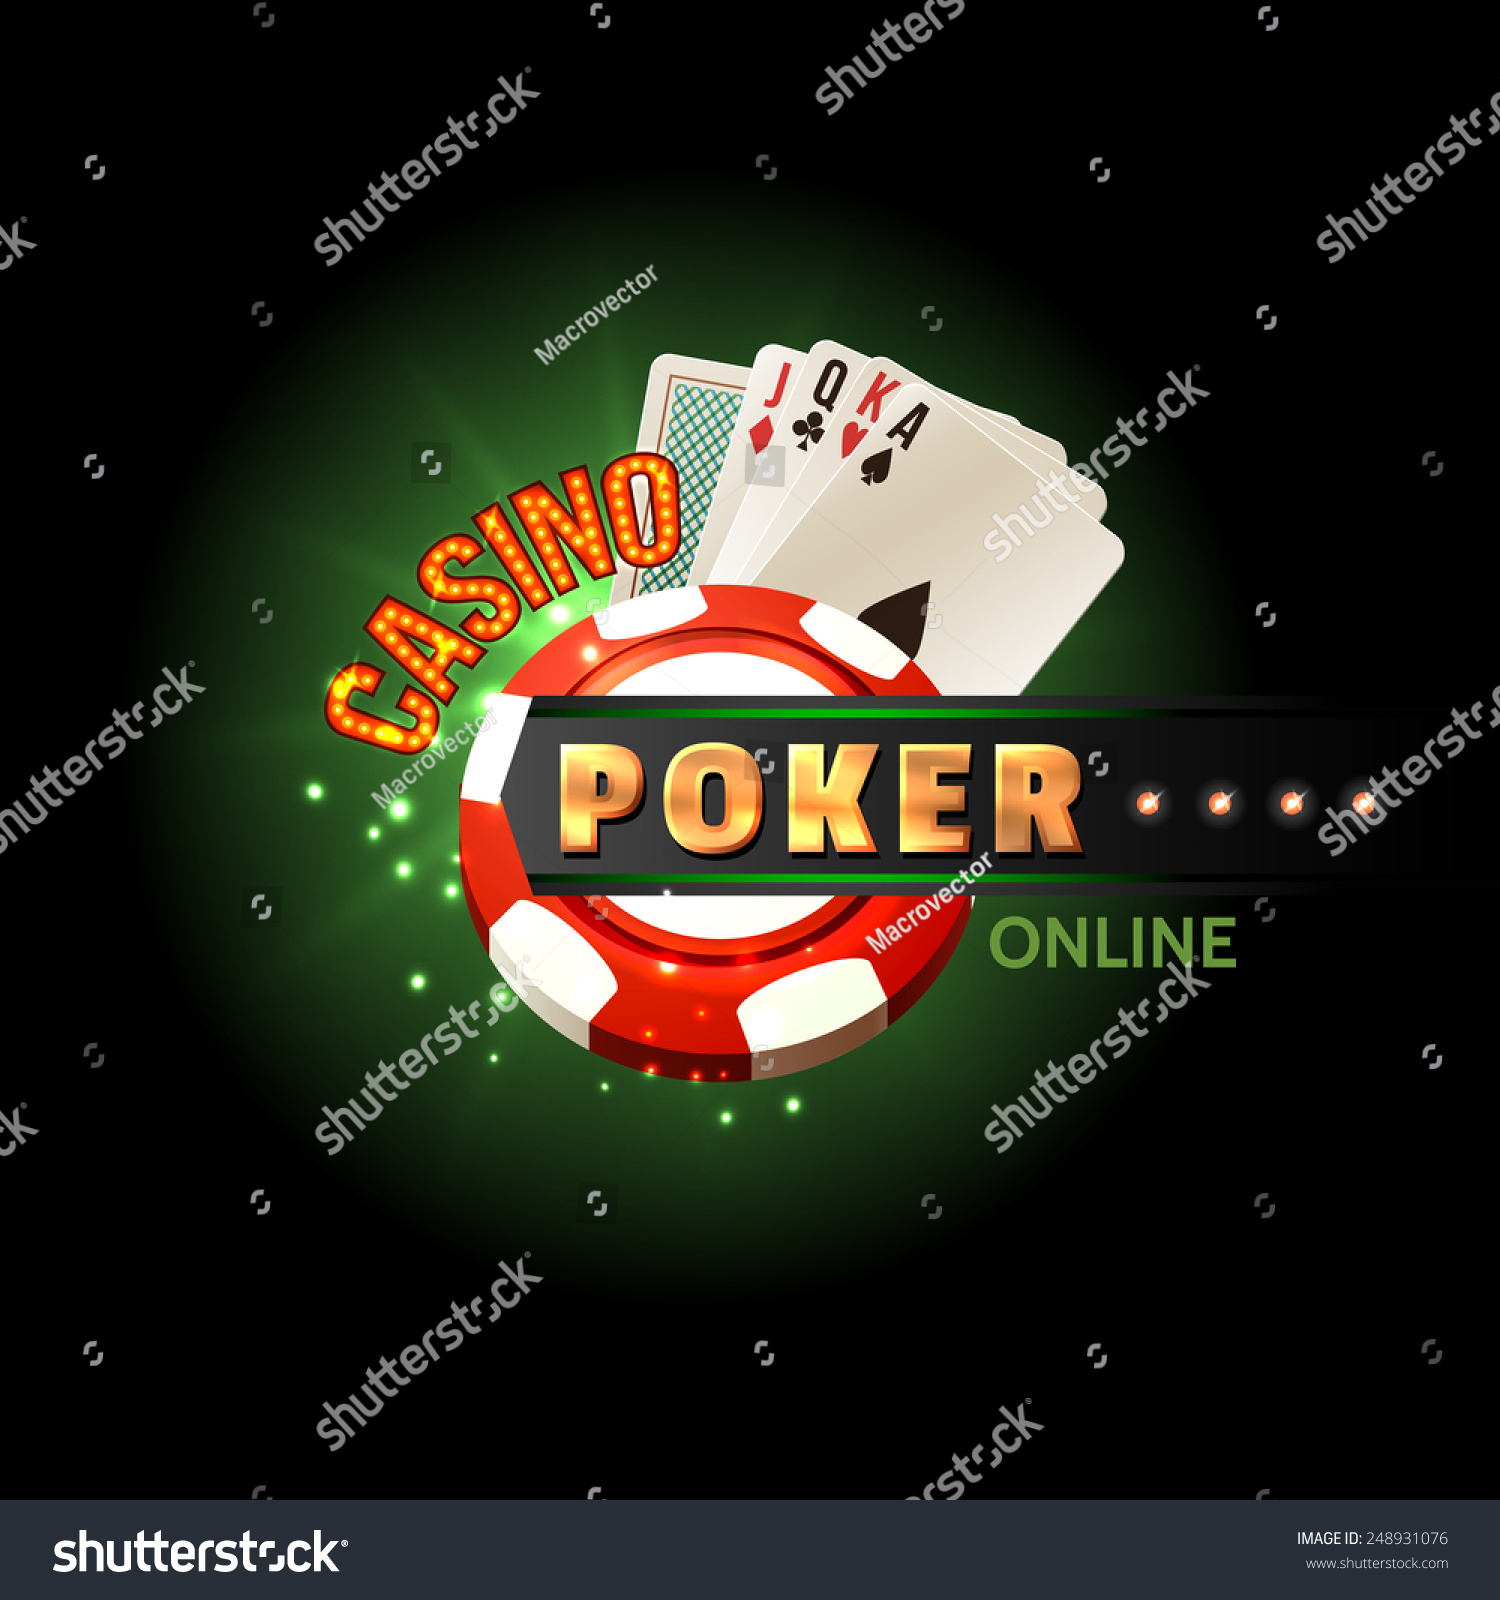 casino online poker www.kostenlosspielen.de